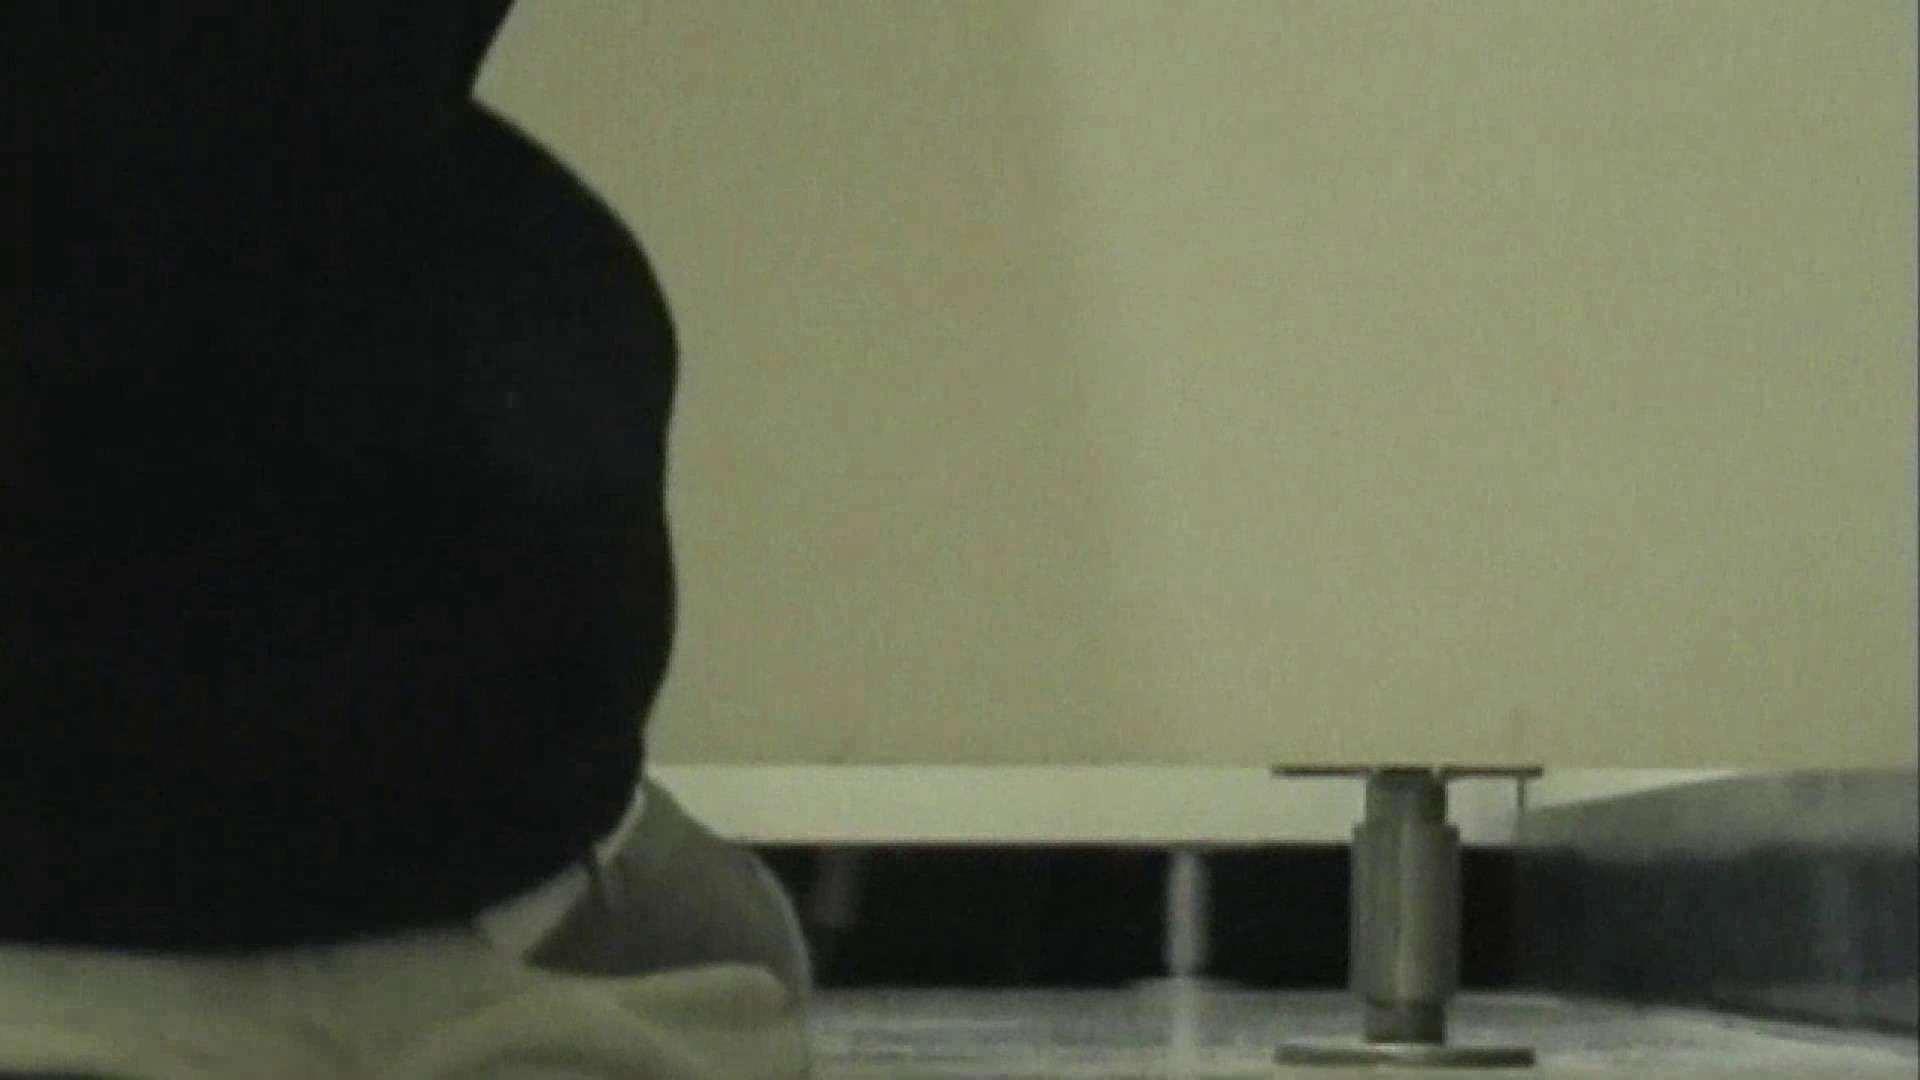 キレカワ女子大生の秘密の洗面所!Vol.010 潜入 オマンコ動画キャプチャ 106PIX 13